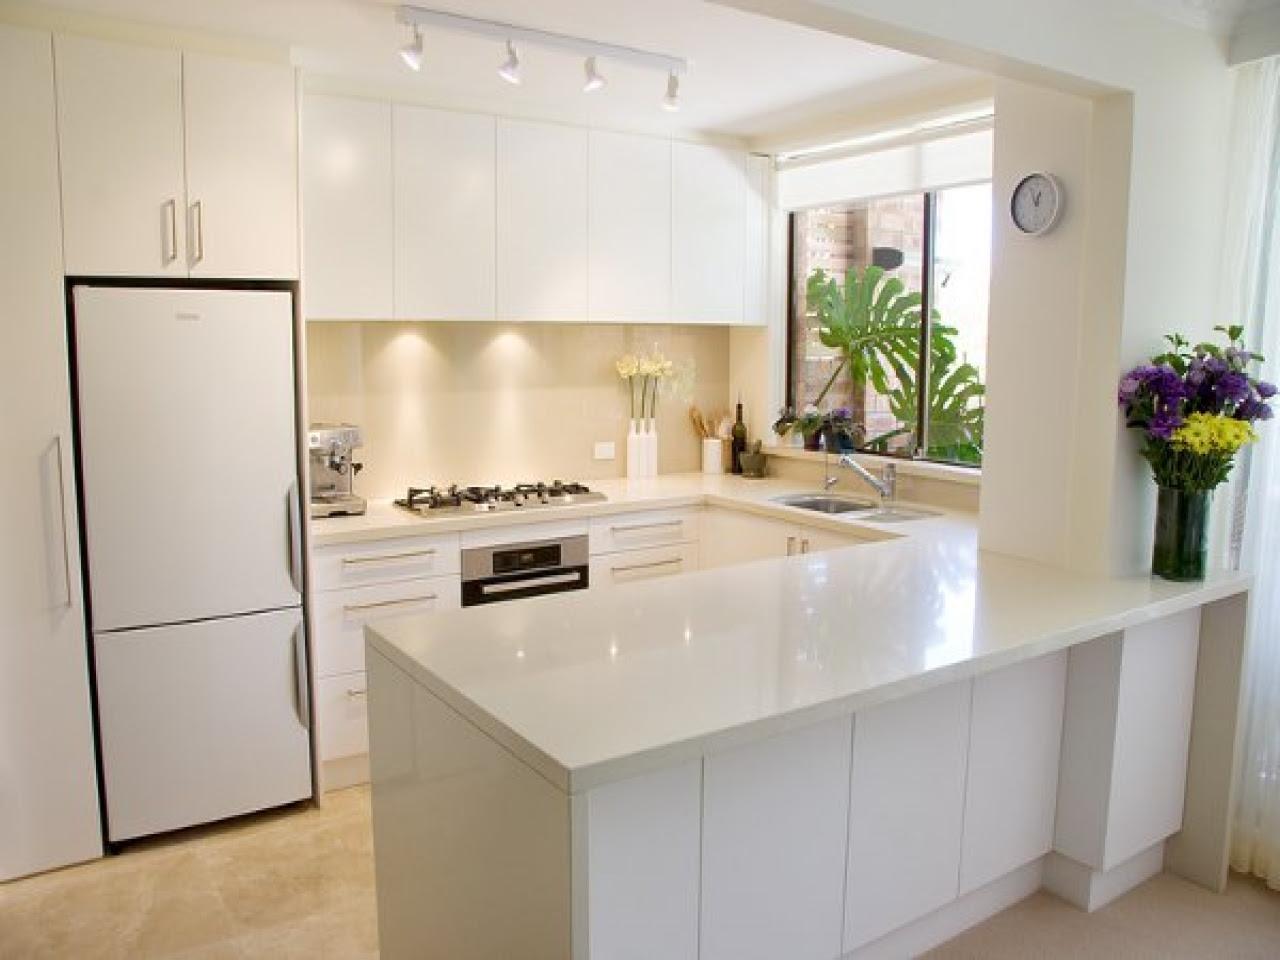 Home depot kitchen design ideas | Hawk Haven